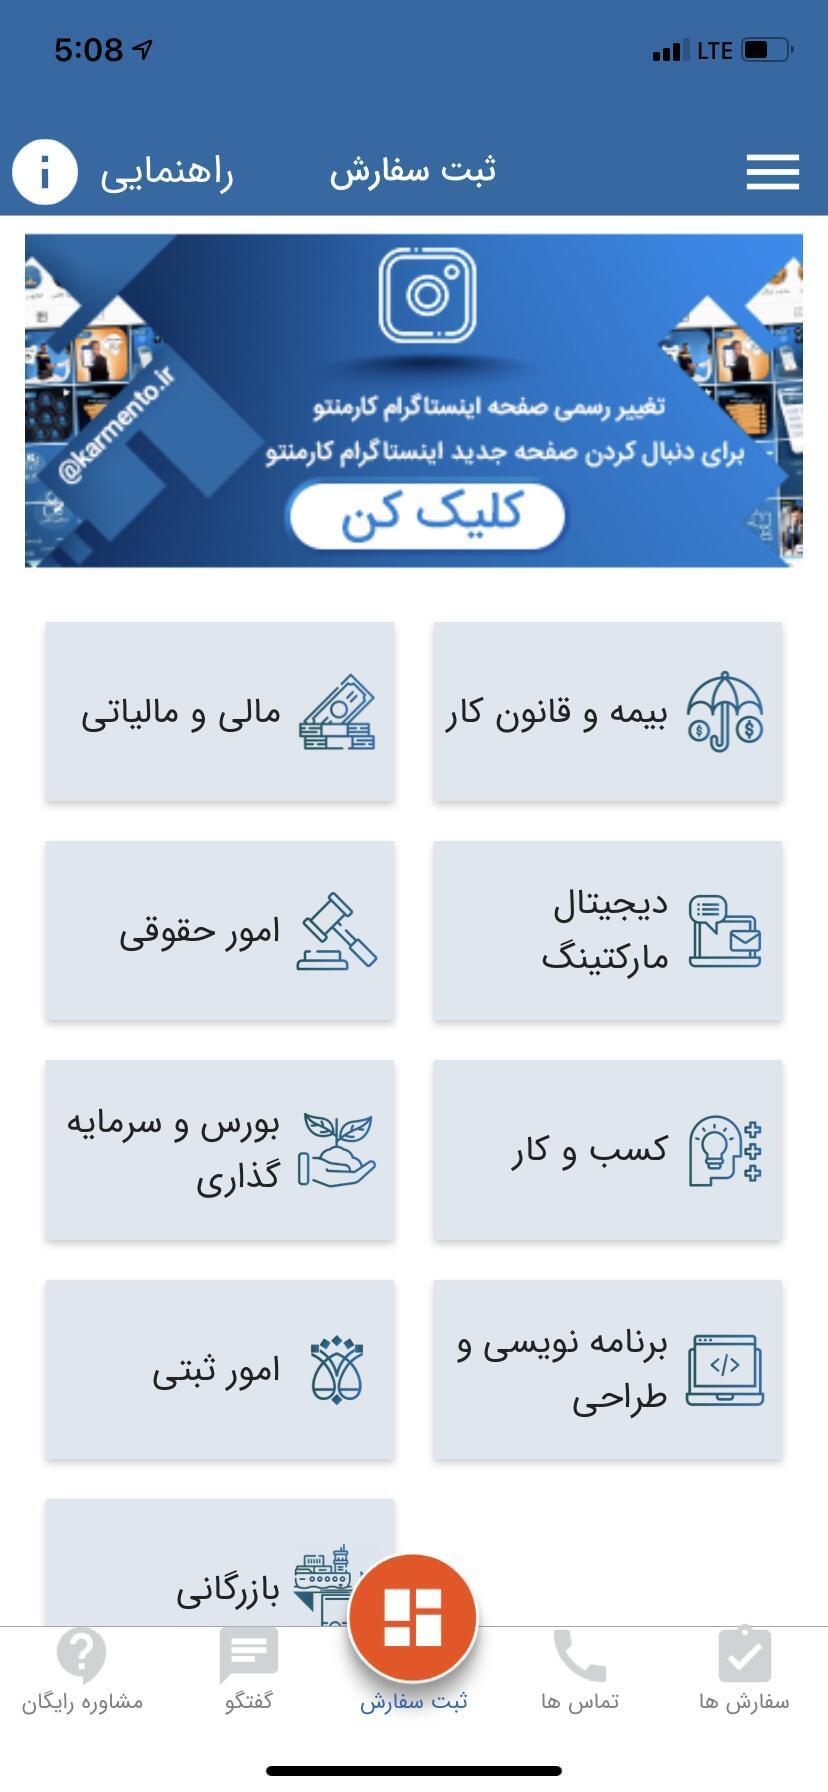 تصویر اپلیکیشن کارمنتو